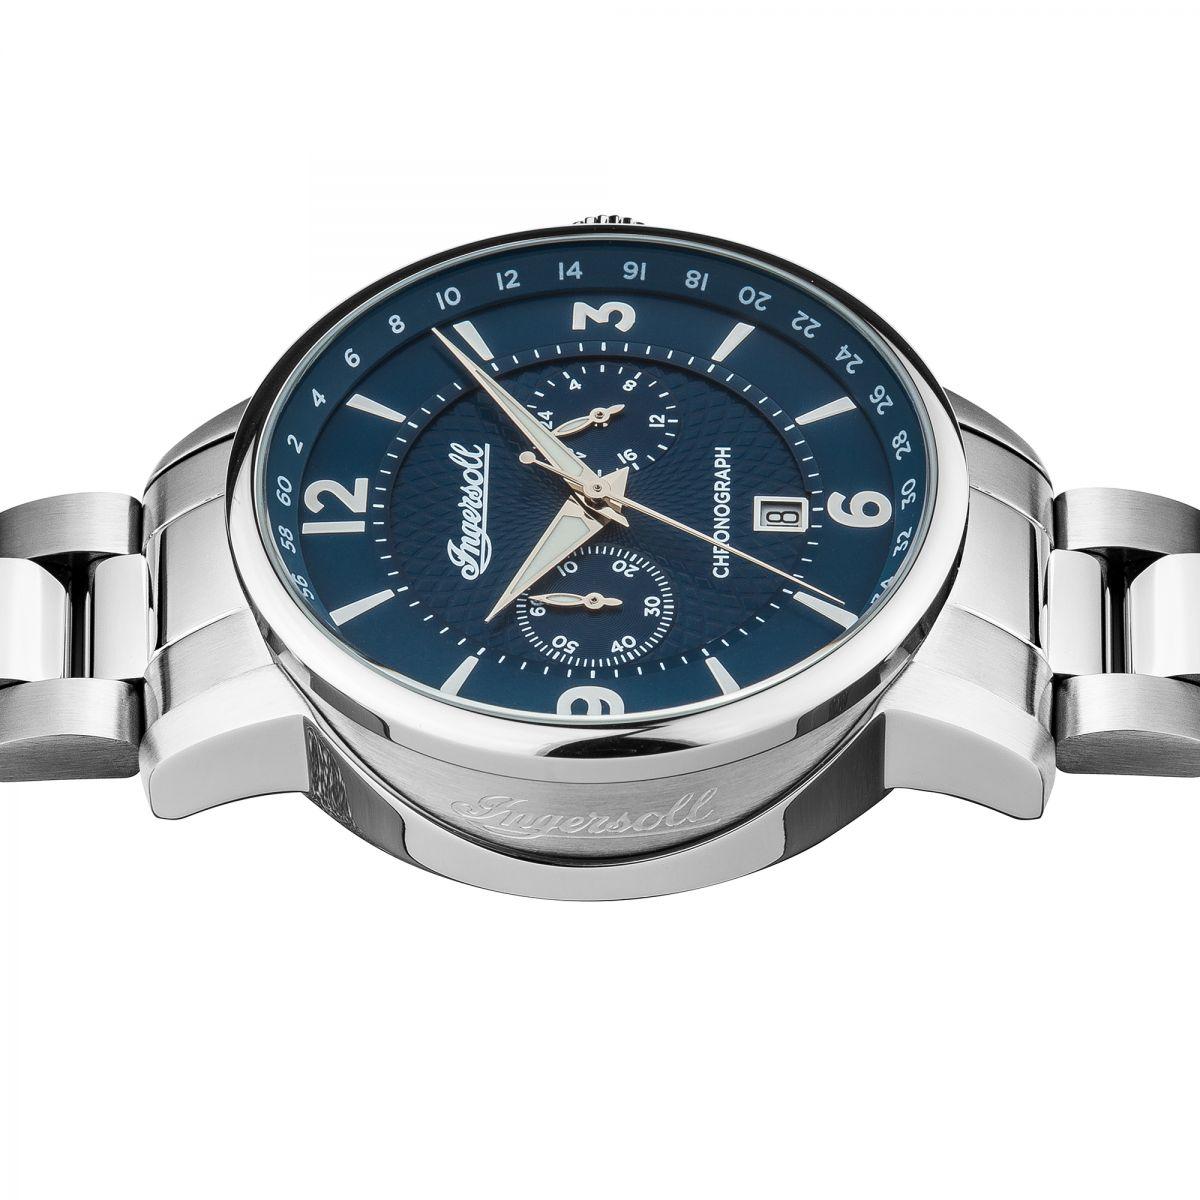 Herren ingersoll the grafton chronograf uhr i00604 for The grafton